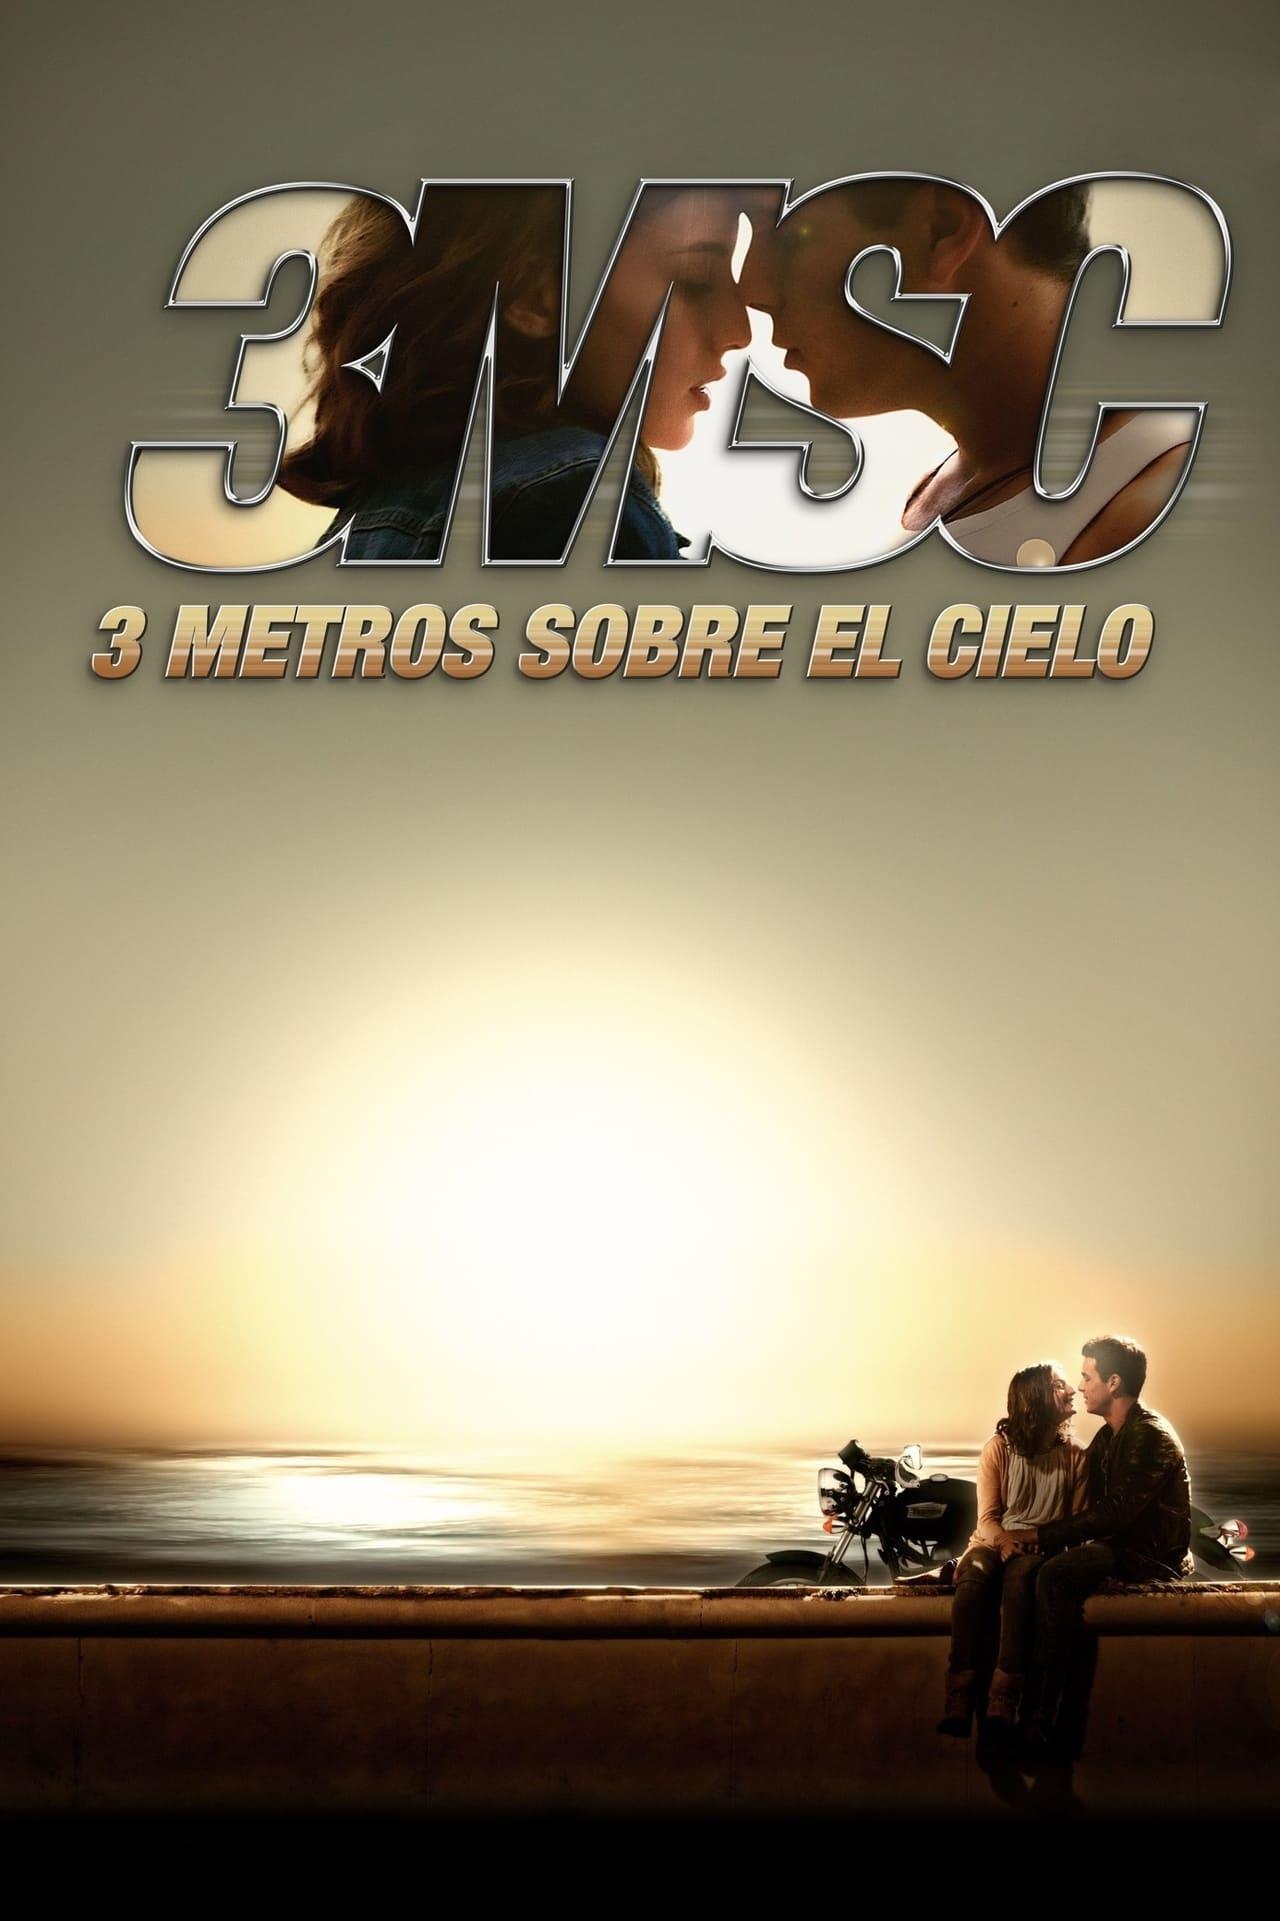 Antídoto Corrección Reina Pelicula 3msc Completa En Español Latino Tizzanoopera Org